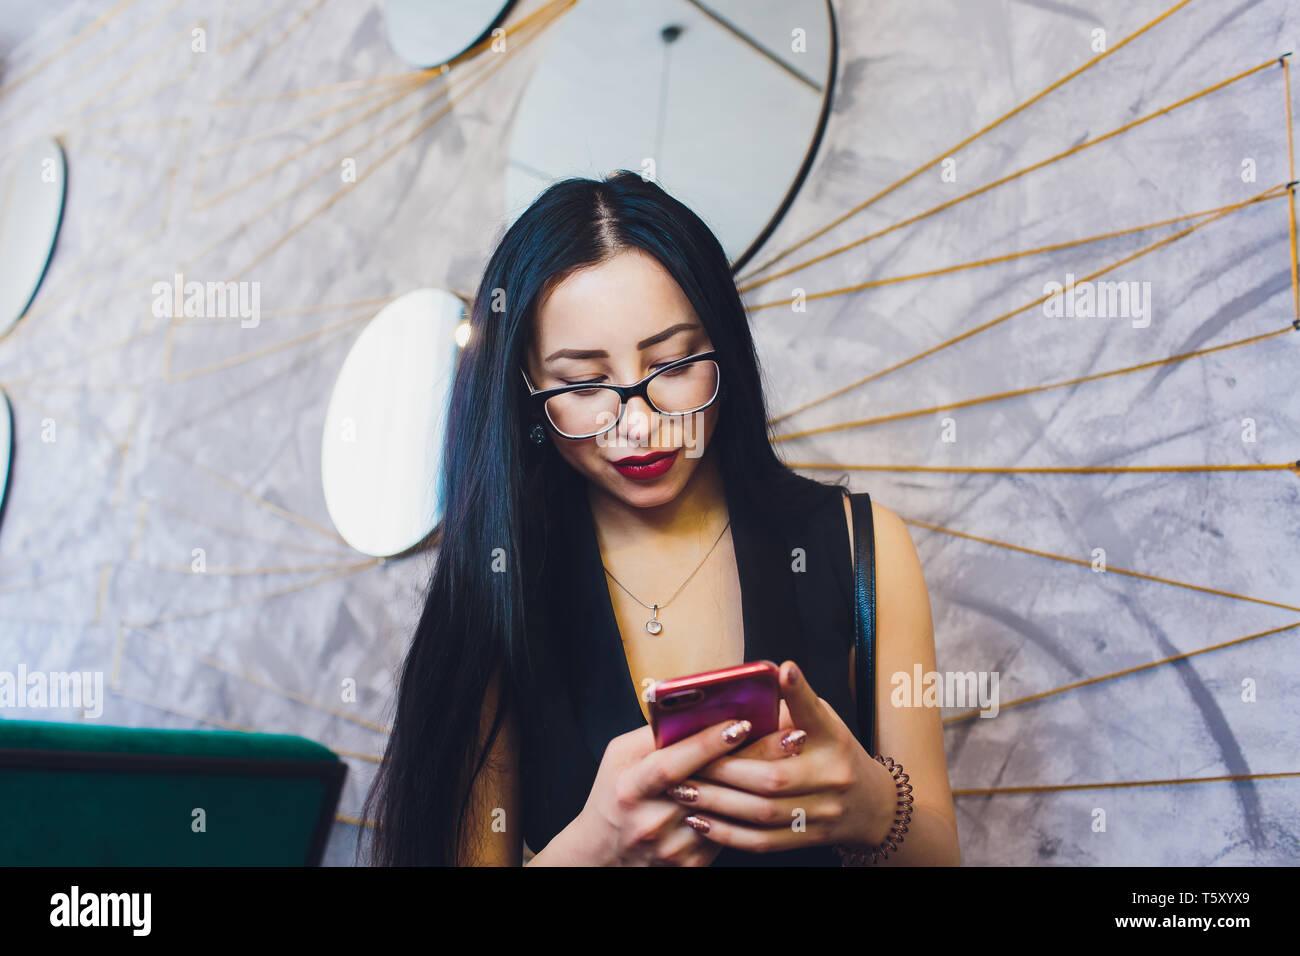 Felice ragazza araba utilizzando smart phone su un muro di mattoni. Donna sorridente con capelli ricci in abiti casual in background urbano. Foto Stock